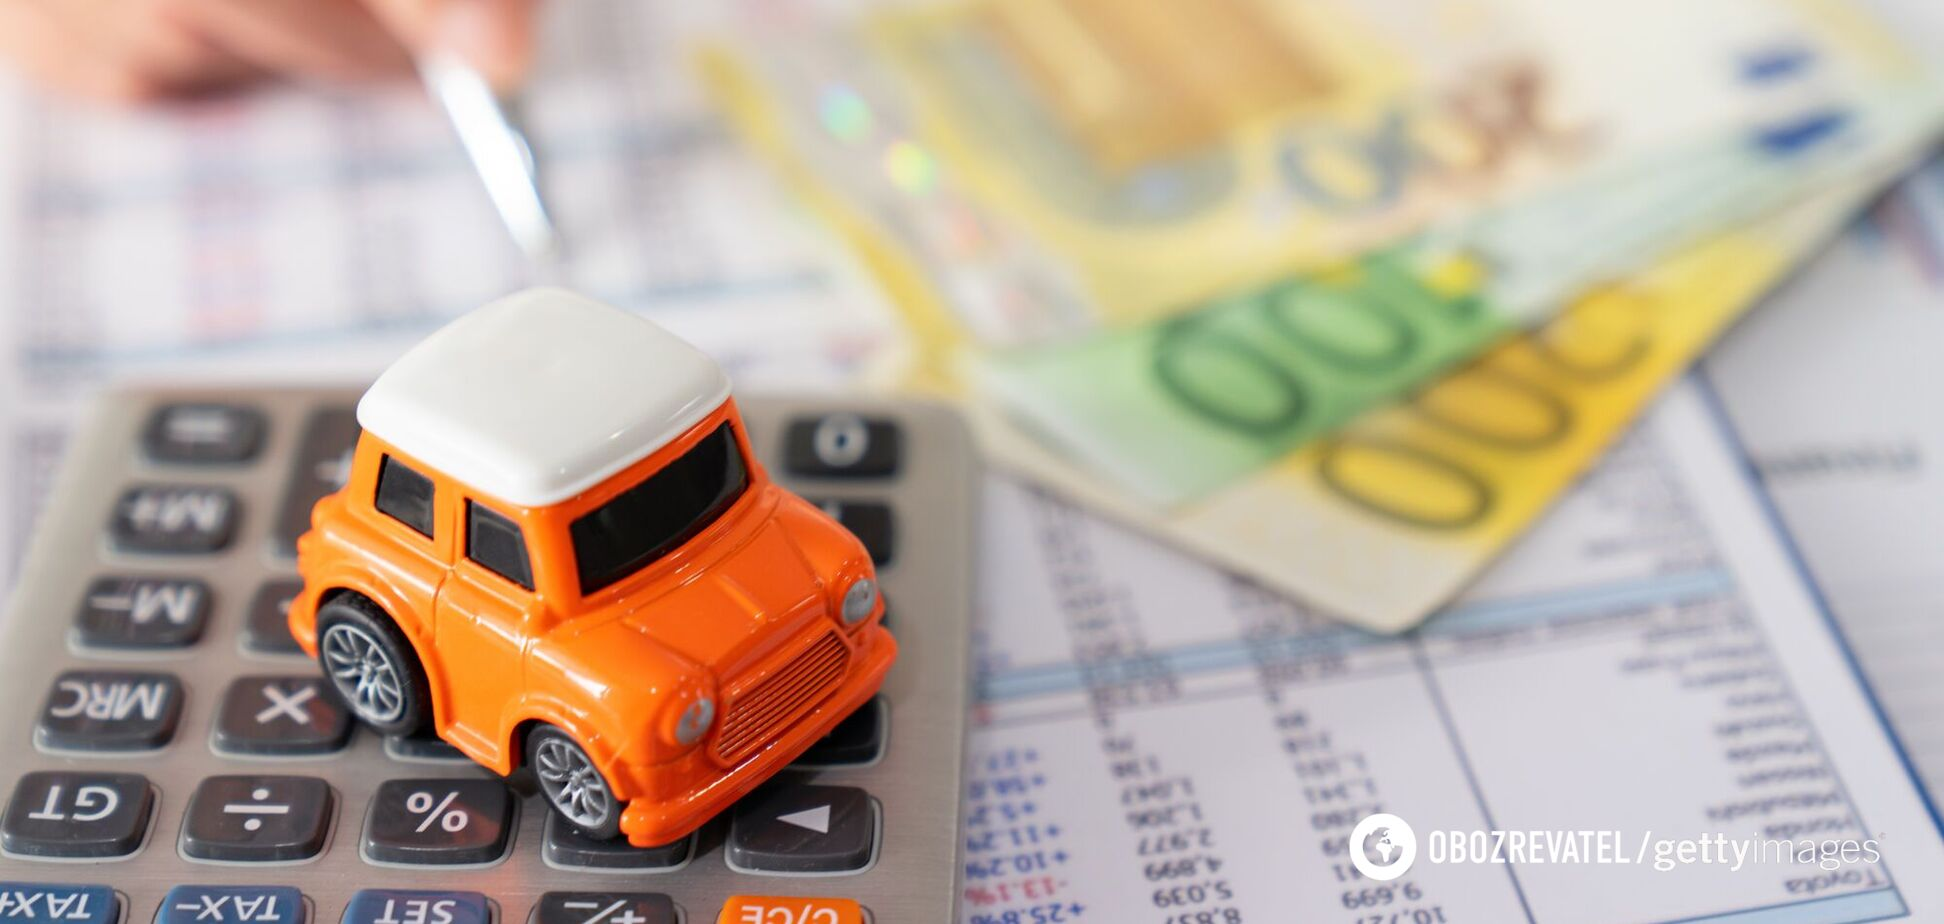 Налог на старые 'евробляхи' нужно уменьшить, – нардеп